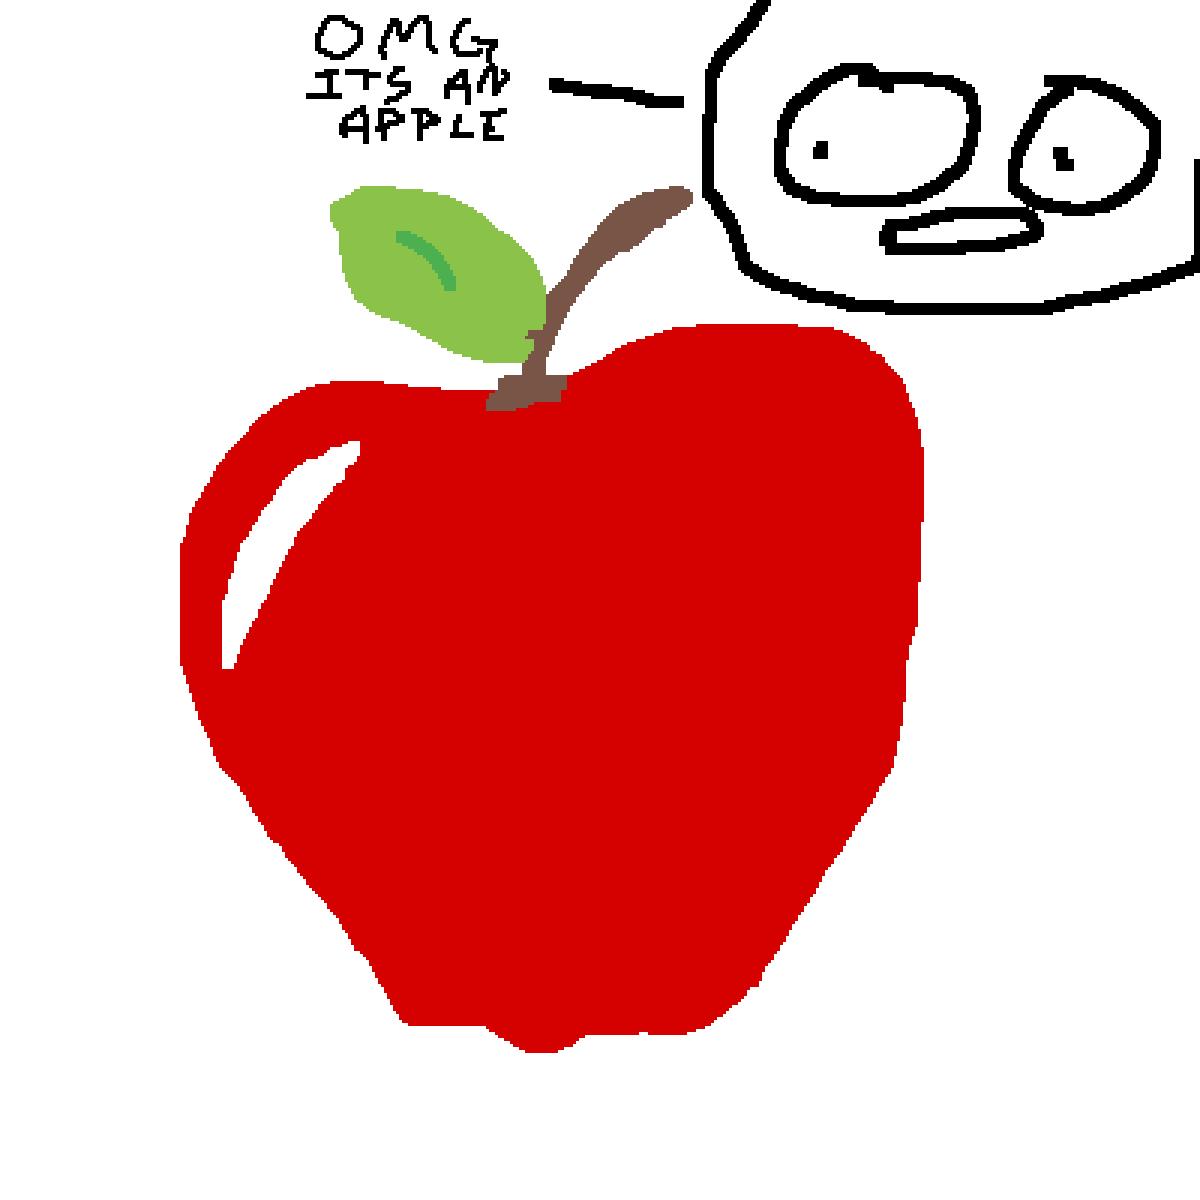 I'm still a bad artist by NoobsDotcom